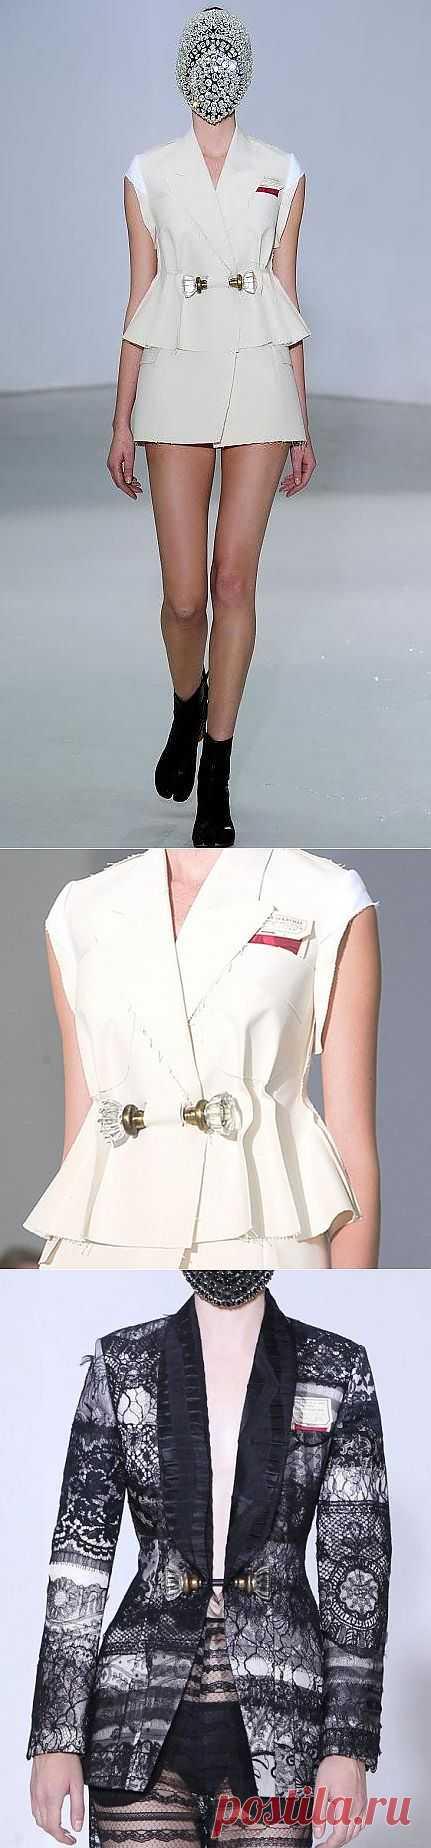 Застежка от Margiela (подборка) / Детали / Модный сайт о стильной переделке одежды и интерьера